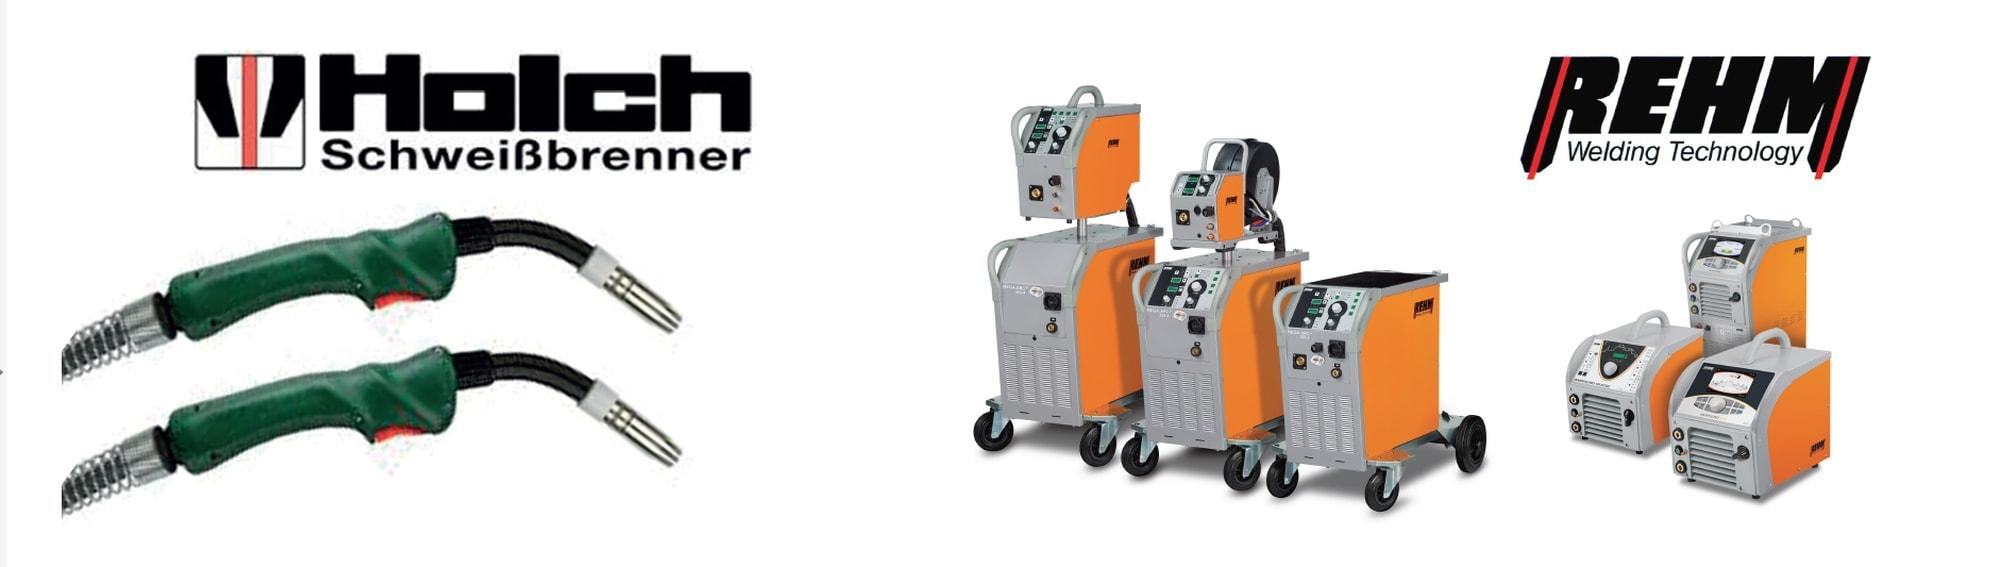 Tecnodue trade macchine utensili usate e nuove a brescia for Mosa gruppi elettrogeni prezzi